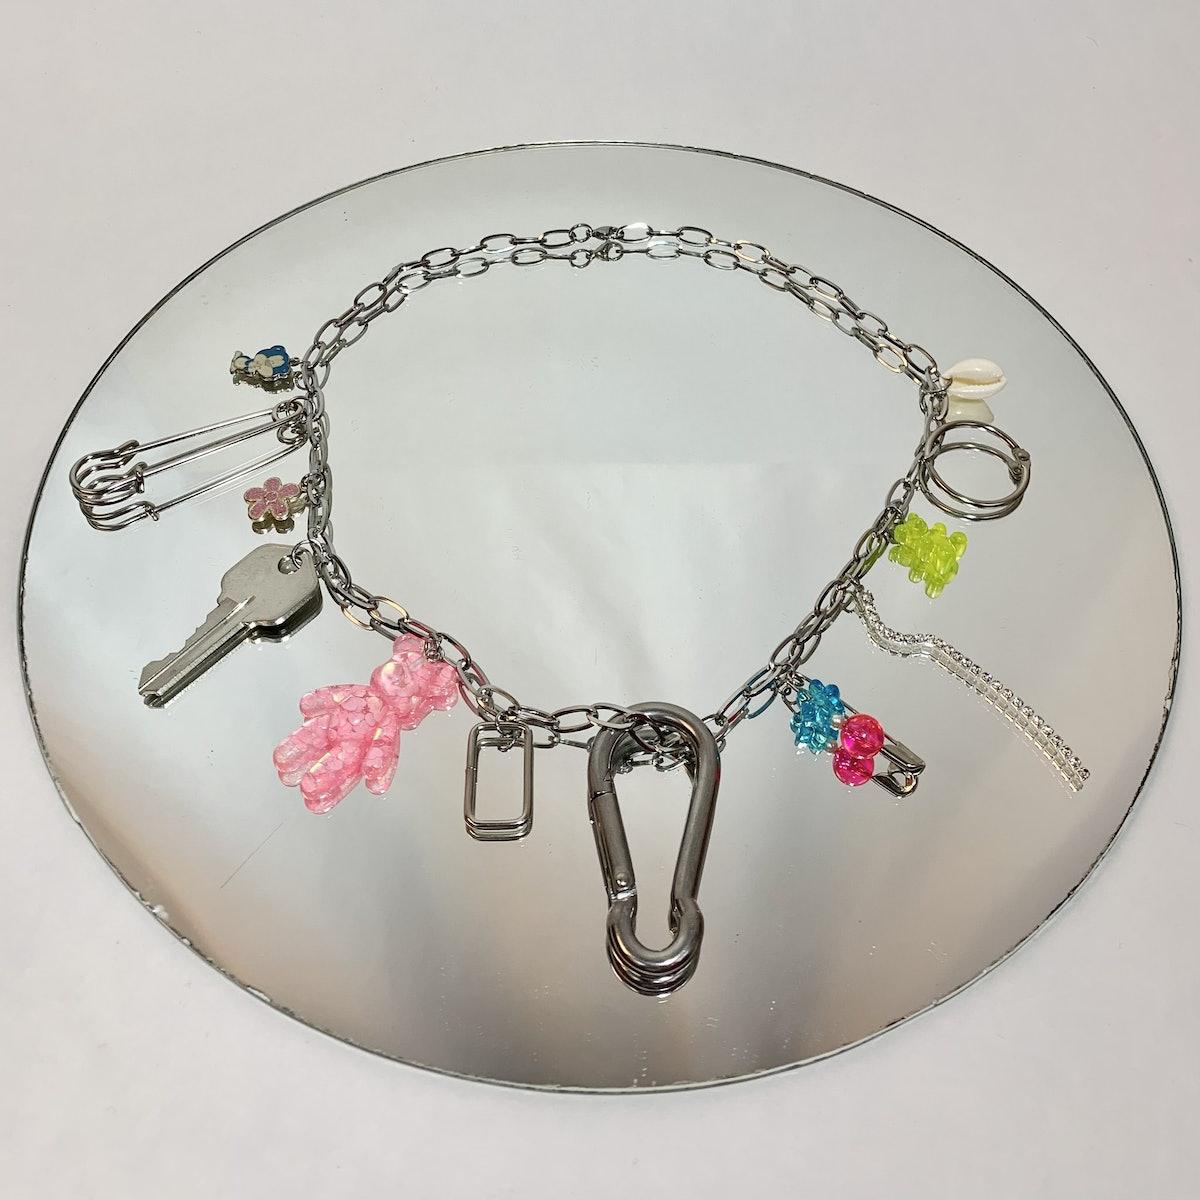 Frankie Bear Charm Necklace